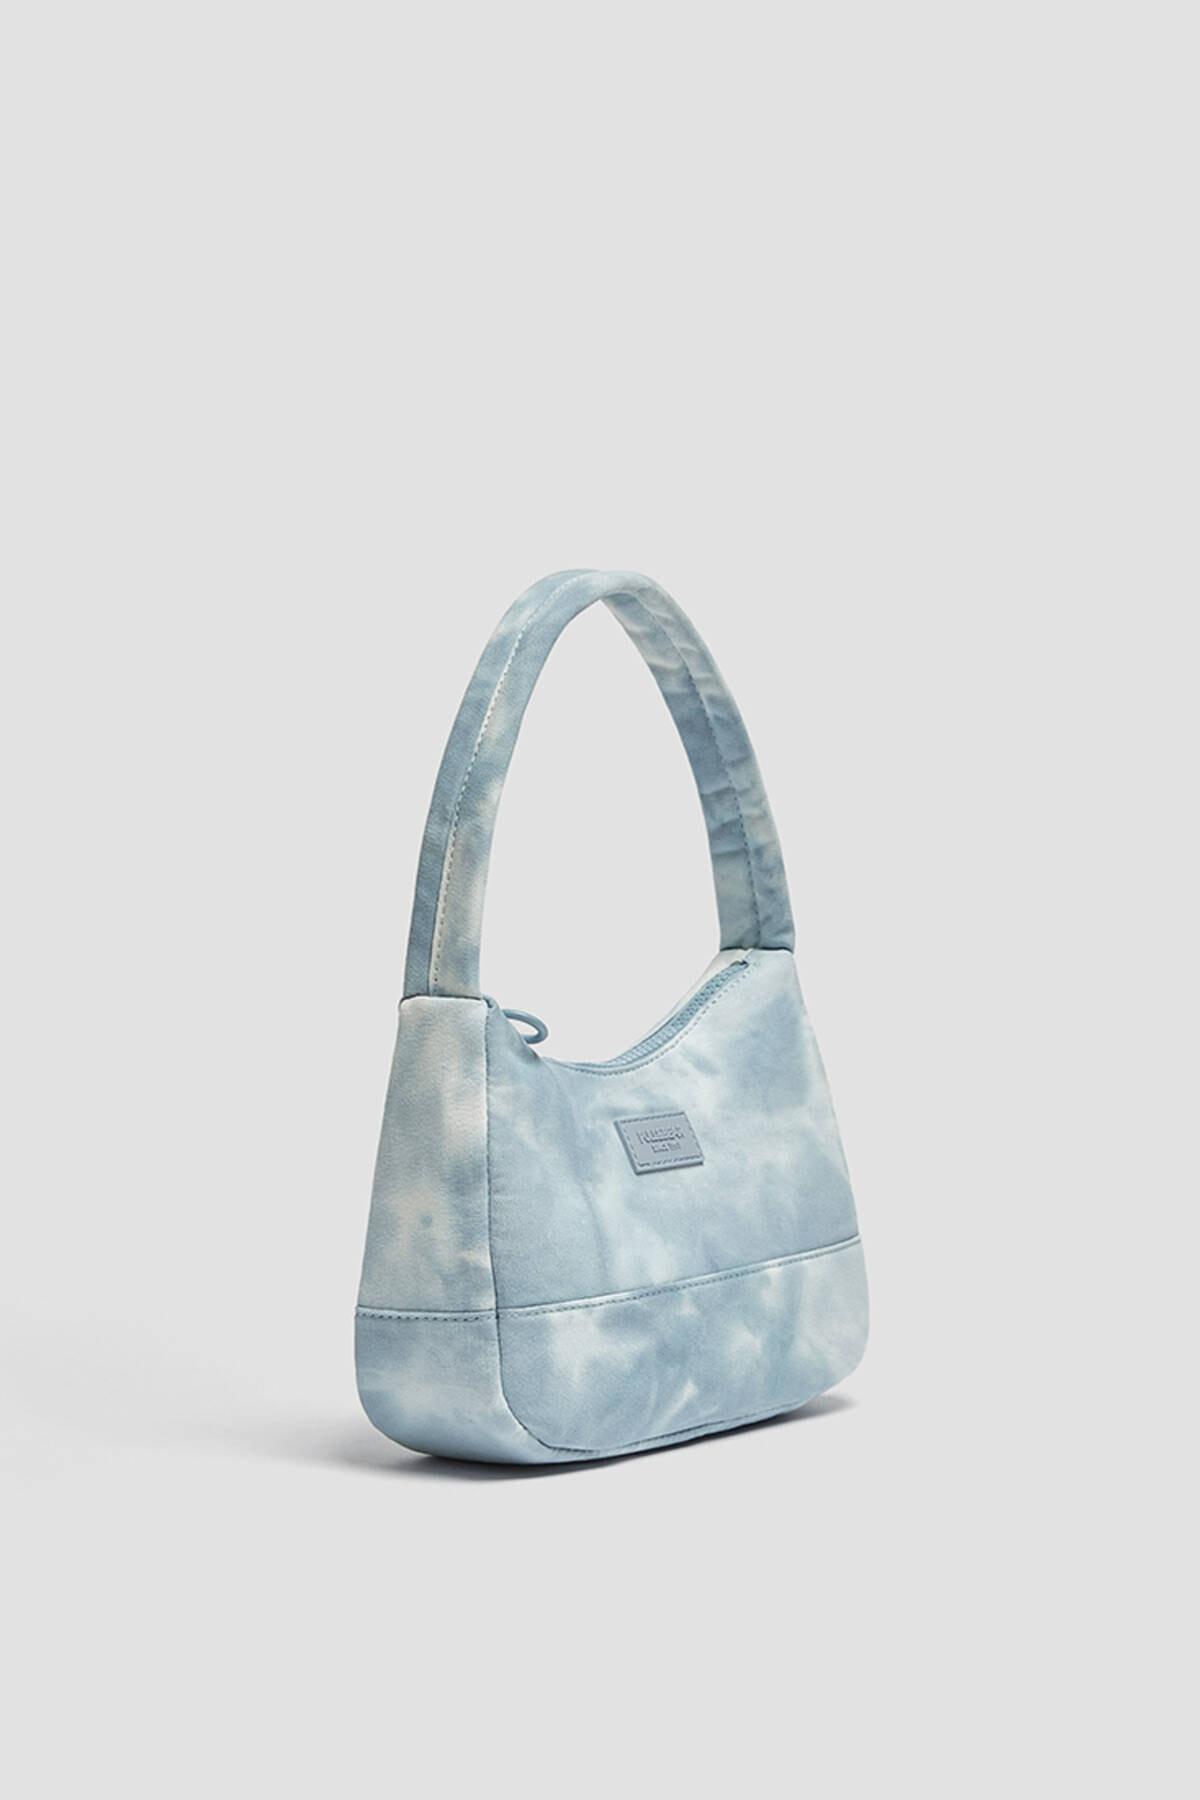 Pull & Bear Kadın Mavi Batik Desenli Kol Çantası 14155740 0